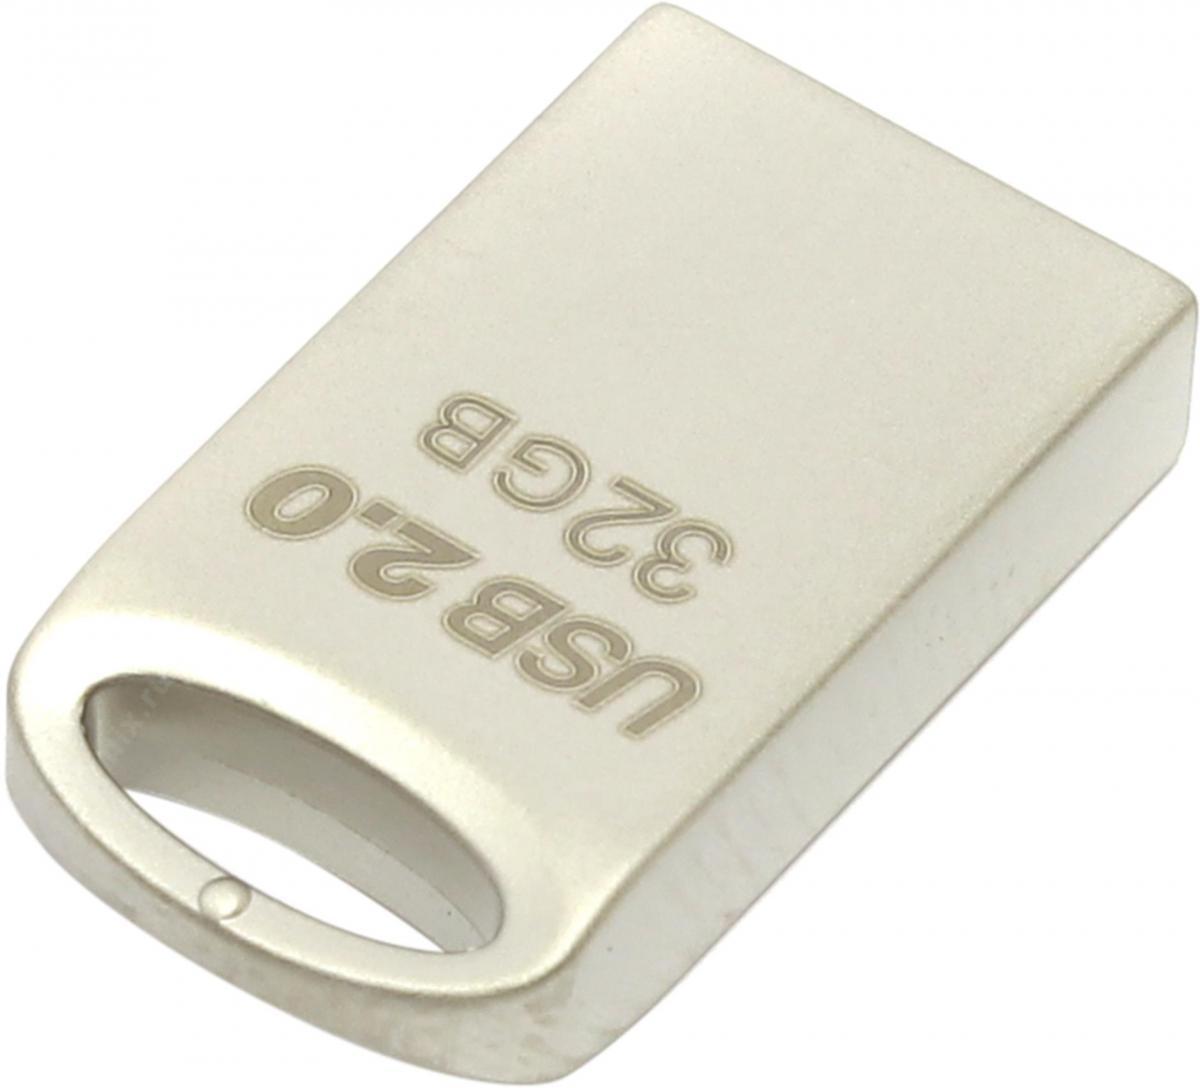 USB 2.0 флэш-диск 32Gb Transcend JetFlash 510S (TS32GJF510S) серебристый